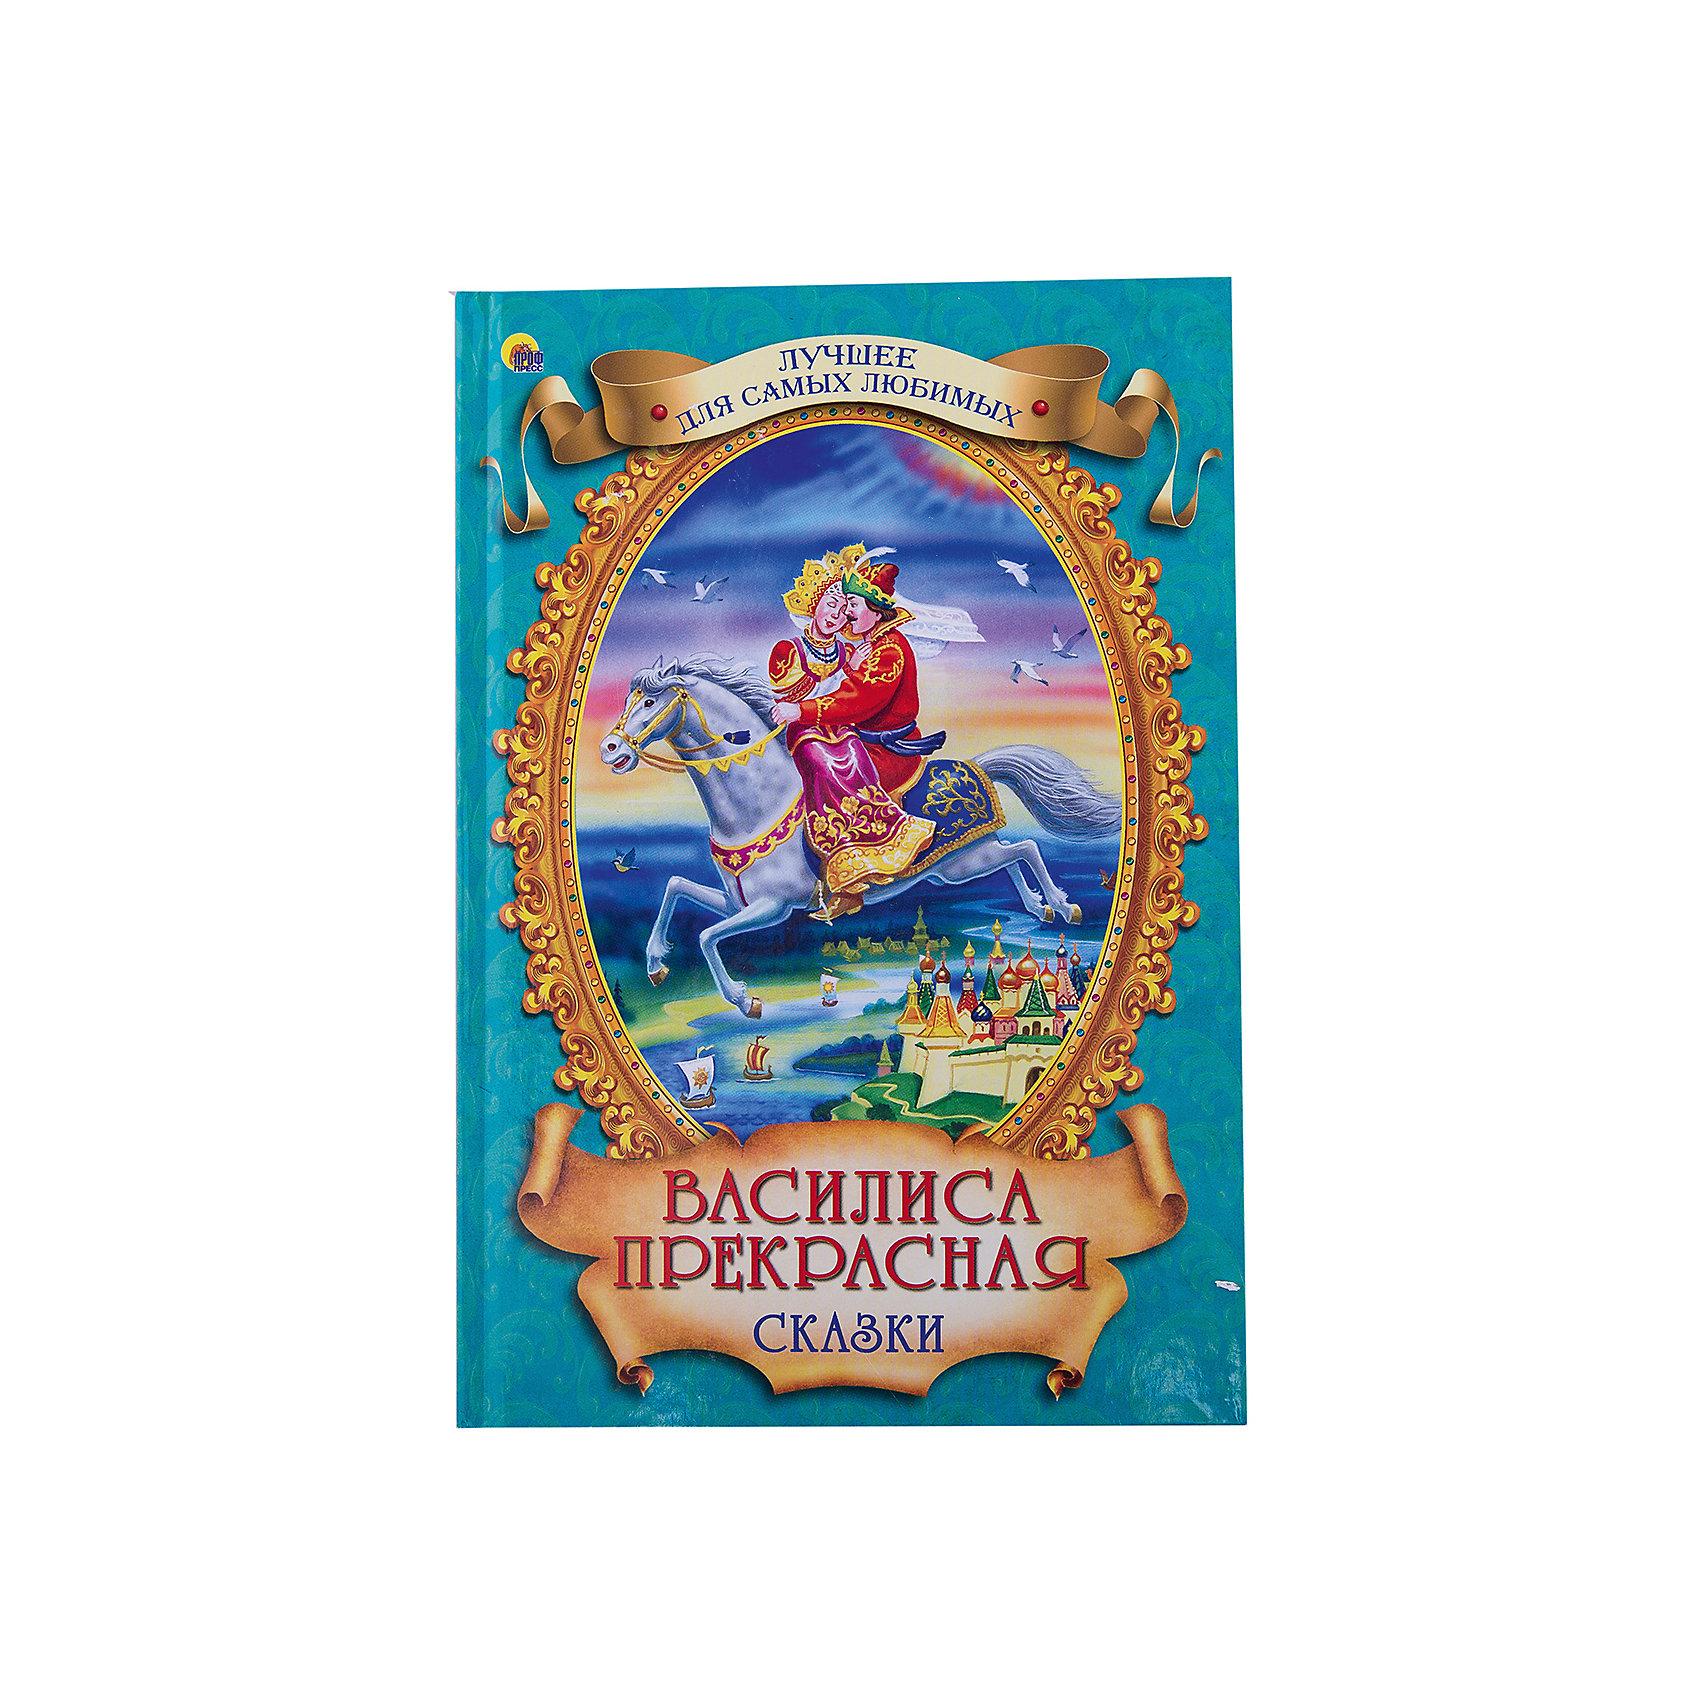 Сборник русских народных сказок Василиса прекраснаяВ этой книге собраны сказки, проверенные многими поколениями, которые понравятся и современным детям. Книги - это лучший подарок не только взрослым, они помогают детям познавать мир и учиться читать, также книги позволяют ребенку весело проводить время. Они также стимулируют развитие воображения, логики и творческого мышления.<br>Это издание очень красиво оформлено, в него вошли самые интересные сказки. Яркие картинки обязательно понравятся малышам! Книга сделана из качественных и безопасных для детей материалов.<br>  <br>Дополнительная информация:<br><br>размер: 170x246 мм;<br>вес: 281 г.<br><br>Книгу русских народных сказок Василиса прекрасная Prof-Press можно купить в нашем магазине.<br><br>Ширина мм: 170<br>Глубина мм: 13<br>Высота мм: 246<br>Вес г: 281<br>Возраст от месяцев: 0<br>Возраст до месяцев: 60<br>Пол: Унисекс<br>Возраст: Детский<br>SKU: 4787304